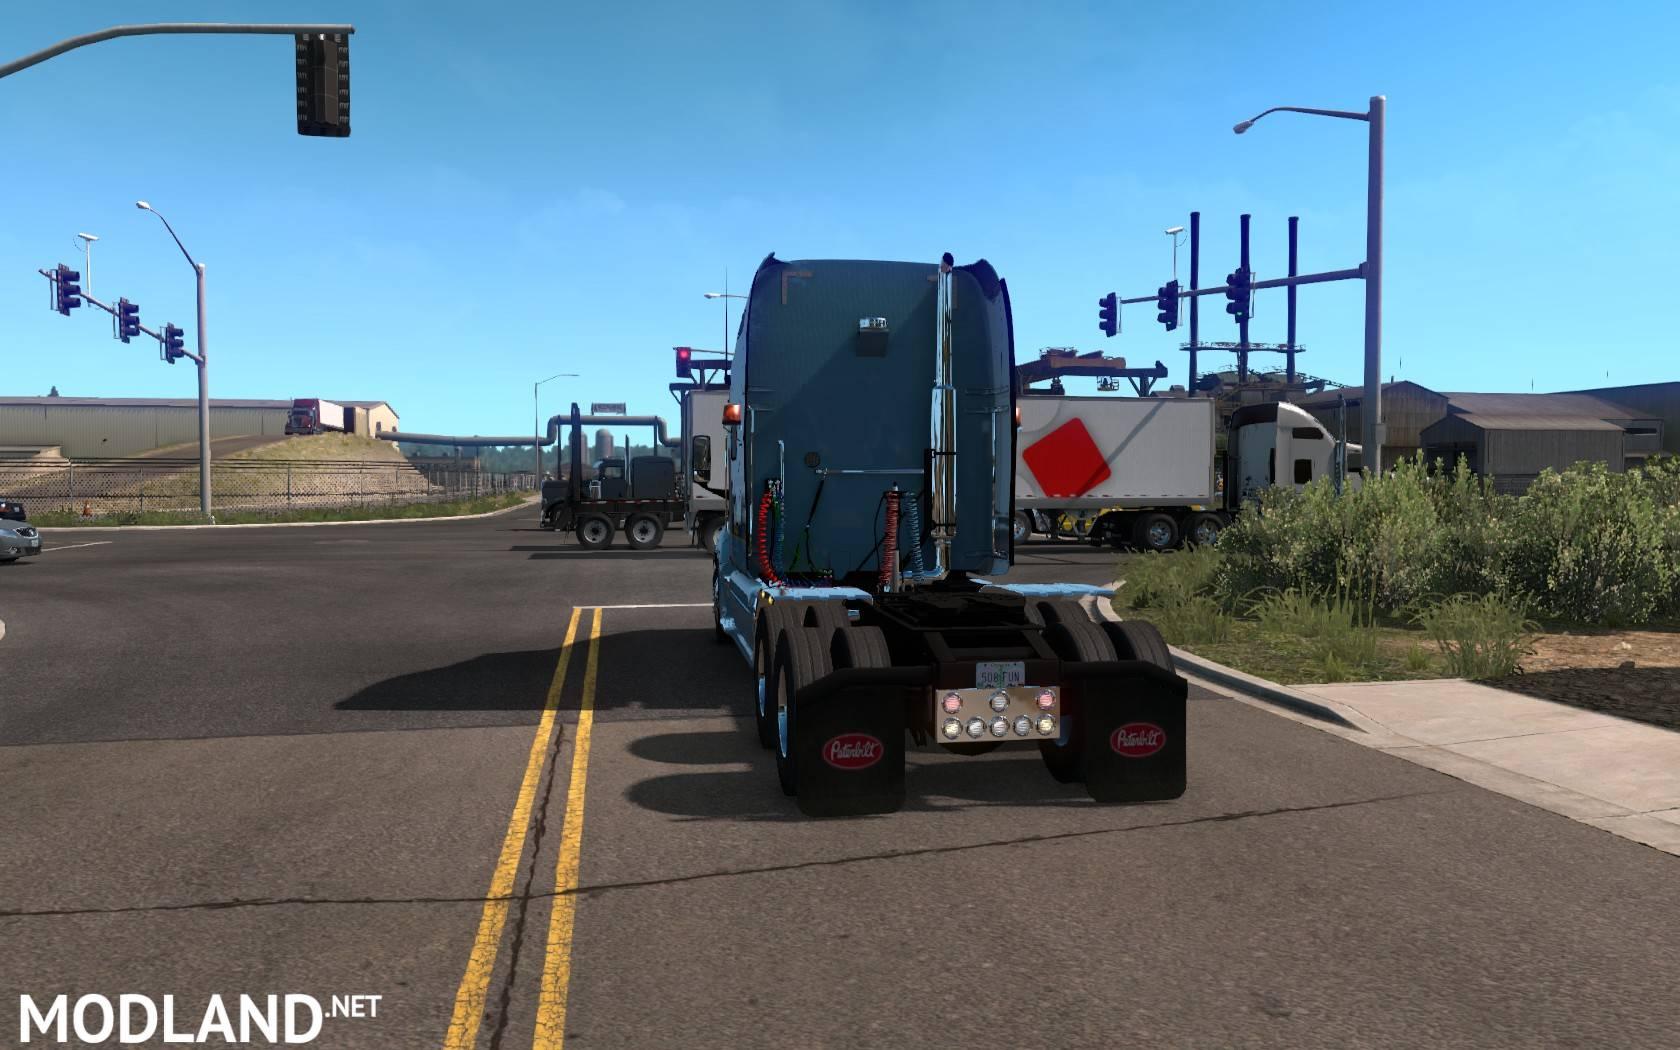 Peterbilt 387 v2 1 for 1 32-1 34 x mod for American Truck